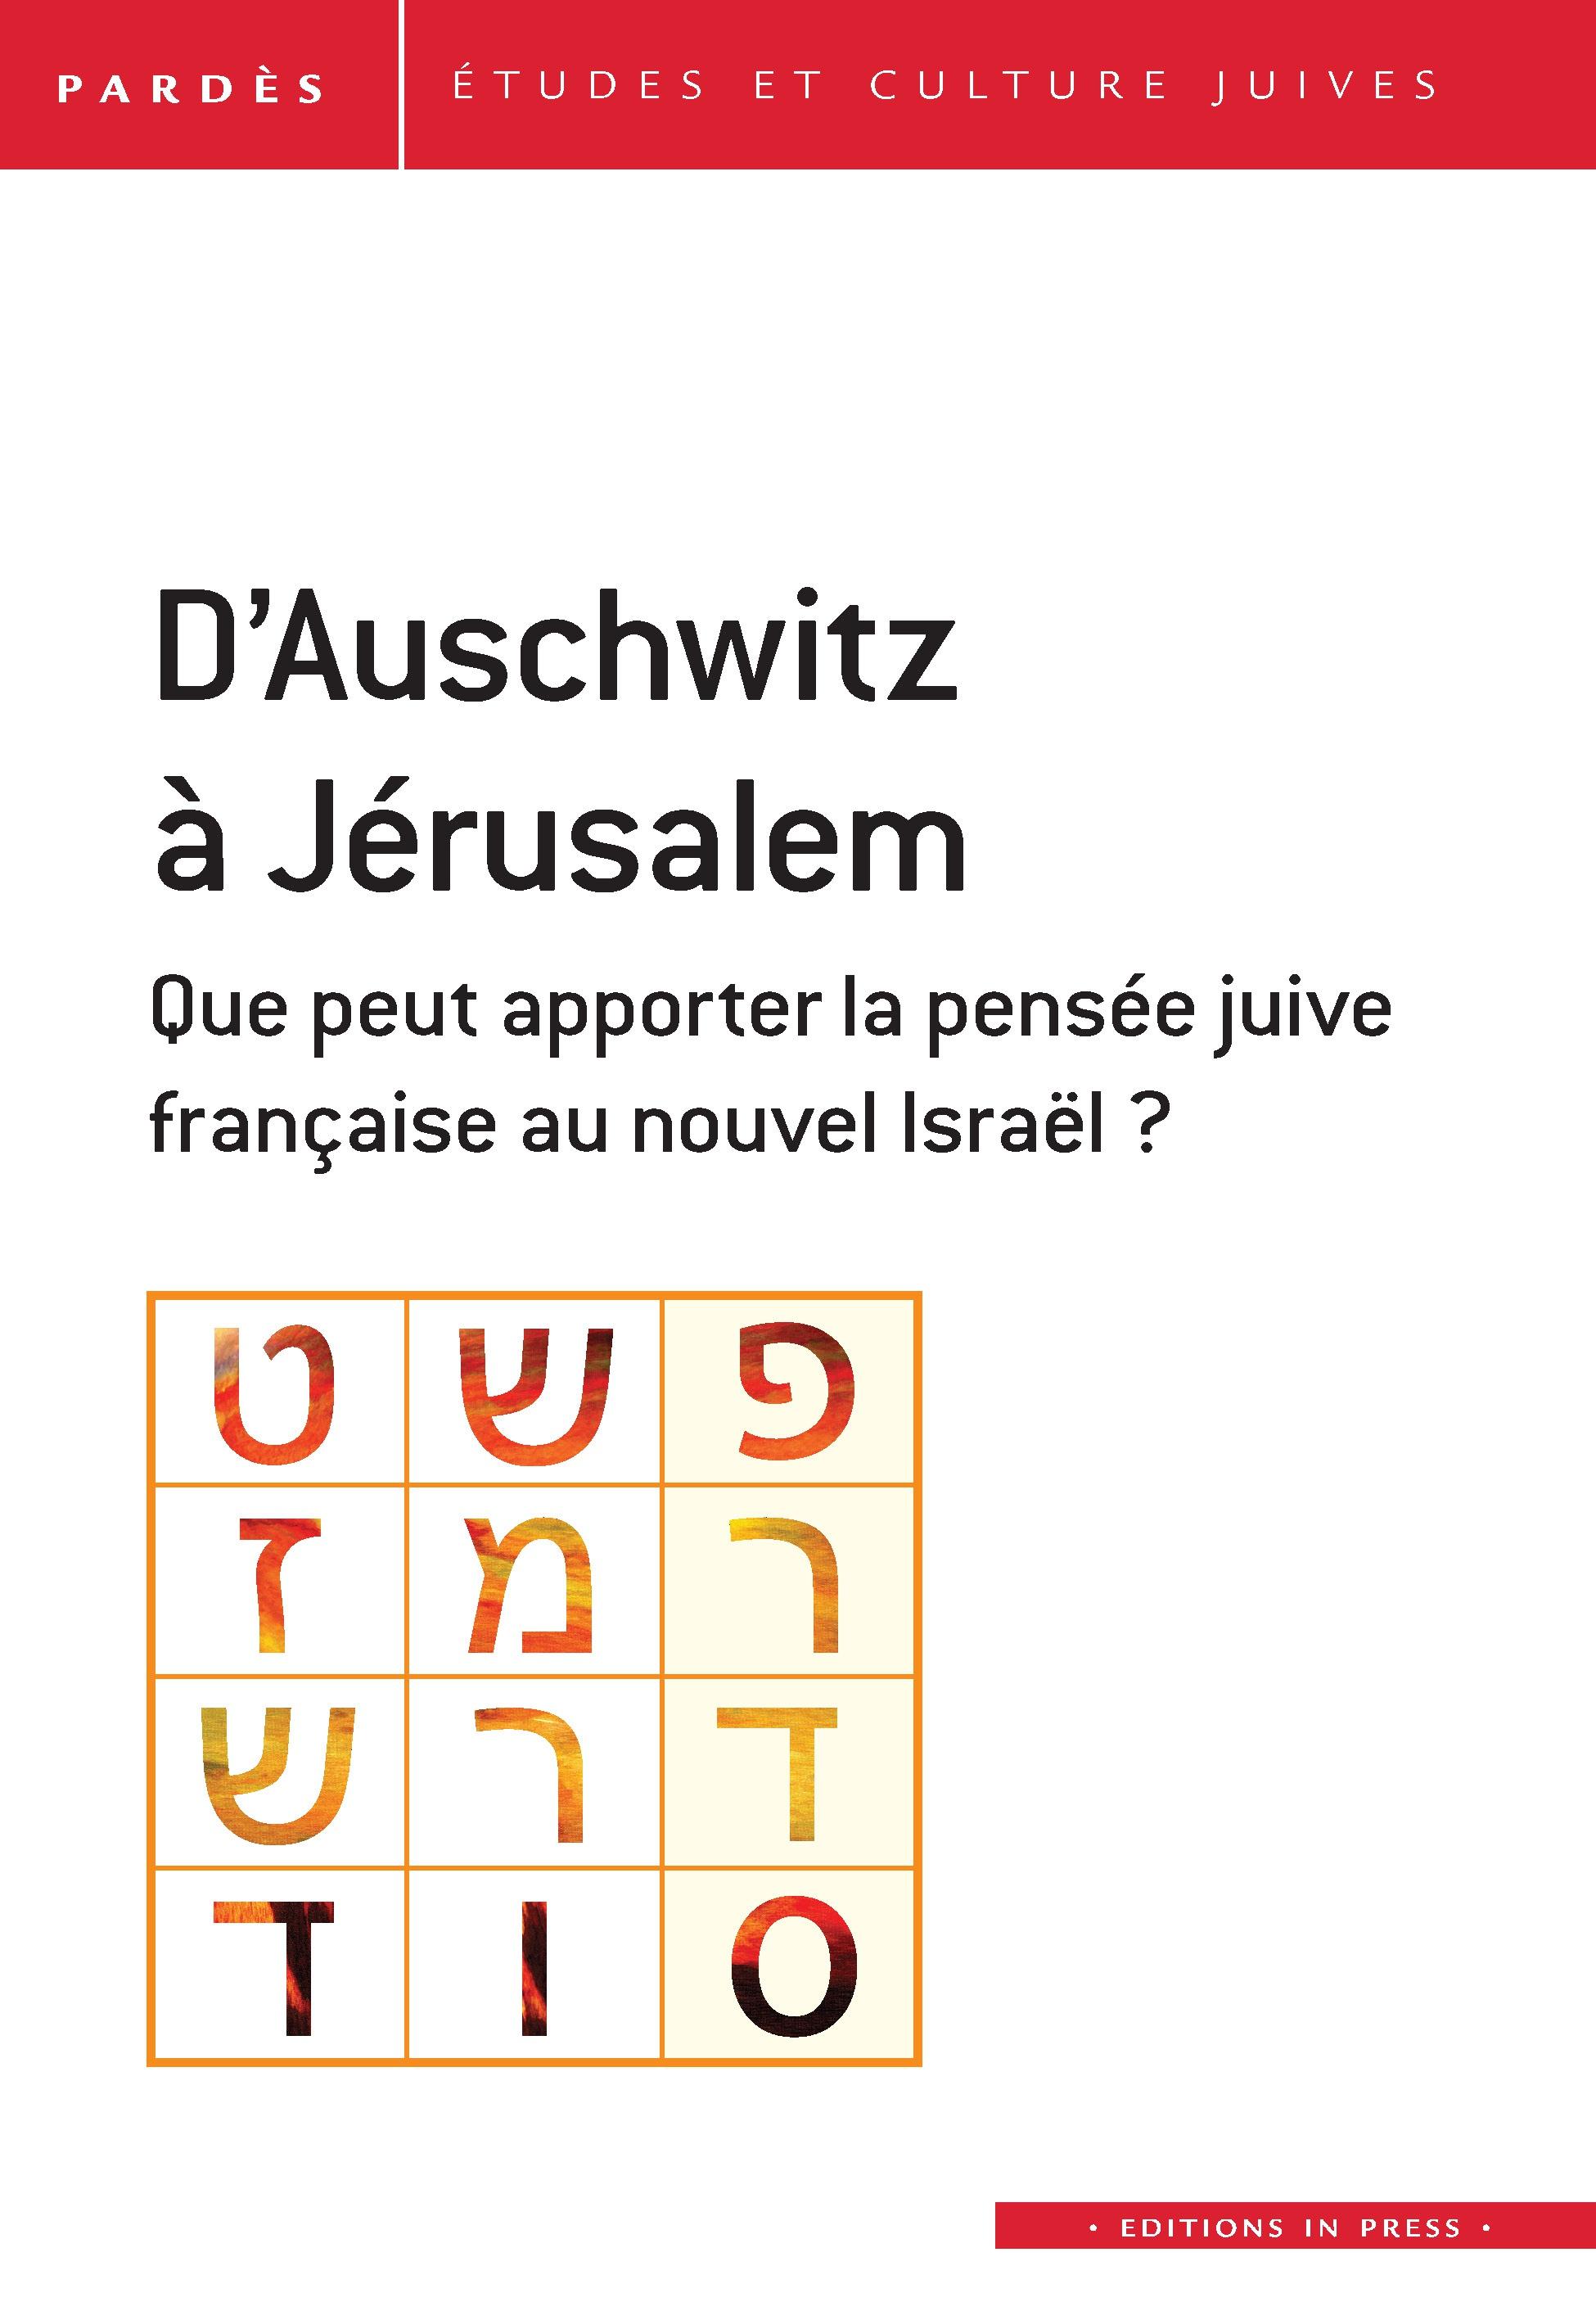 gratuit juif en ligne datant grande ouverture de rencontres en ligne e-mails